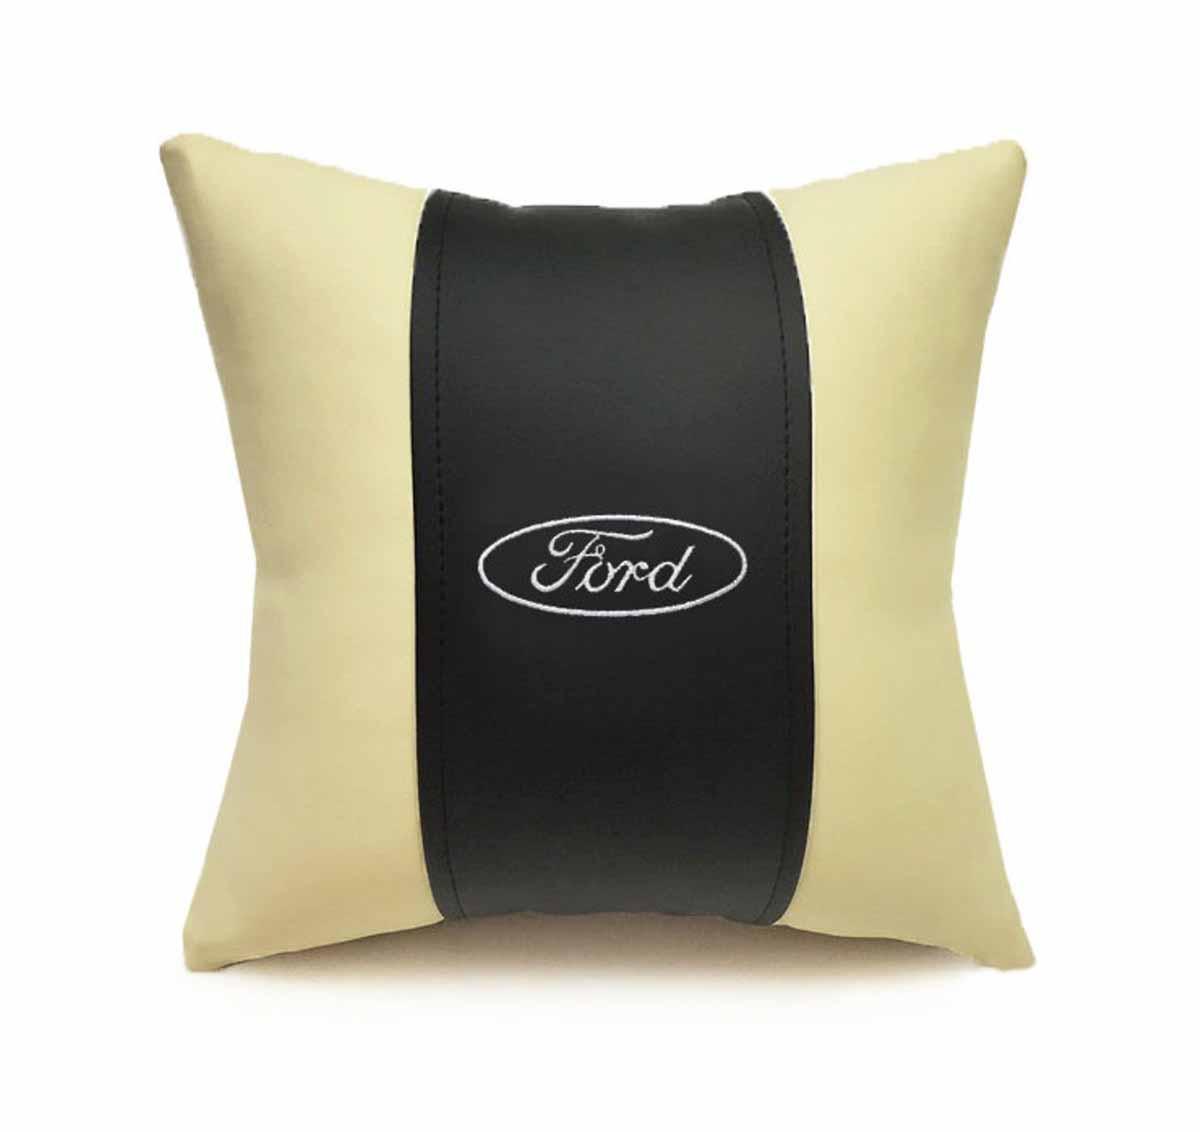 Подушка декоративная Auto premium FORD, цвет: черно-бежевый. 3704537045Подушка в машину с вышивкой автологотипа - отличное дополнение для салона Вашего авто. Мягкая подушка изготовлена из матовой экокожи будет удобна пассажиру. К тому же не перестанет радовать Вас своим видом. Оптимальный размер подушки (30х30) не загромождает салон автомобиля.